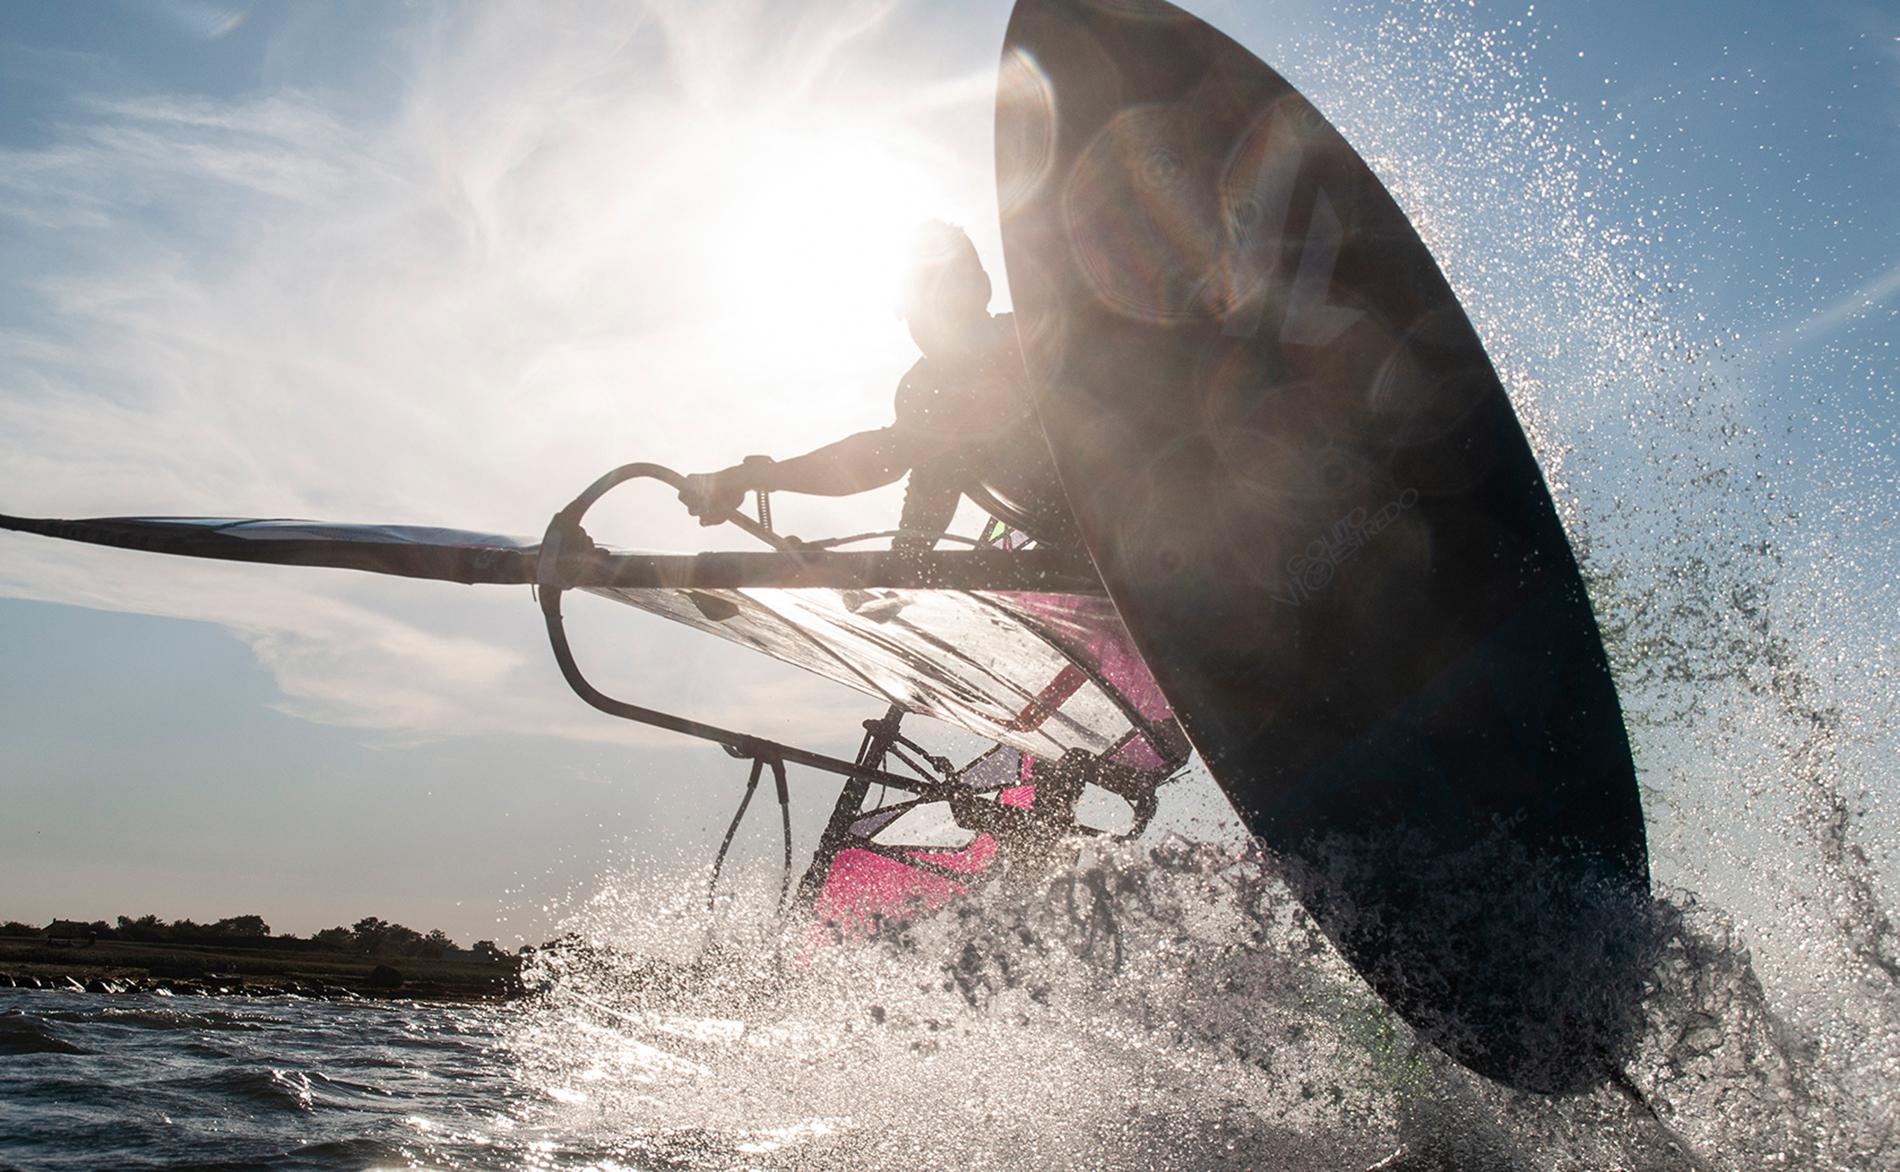 Windsurfen Freestyler Bastian Grimm in Wulfen auf Fehmarn absprung shaka